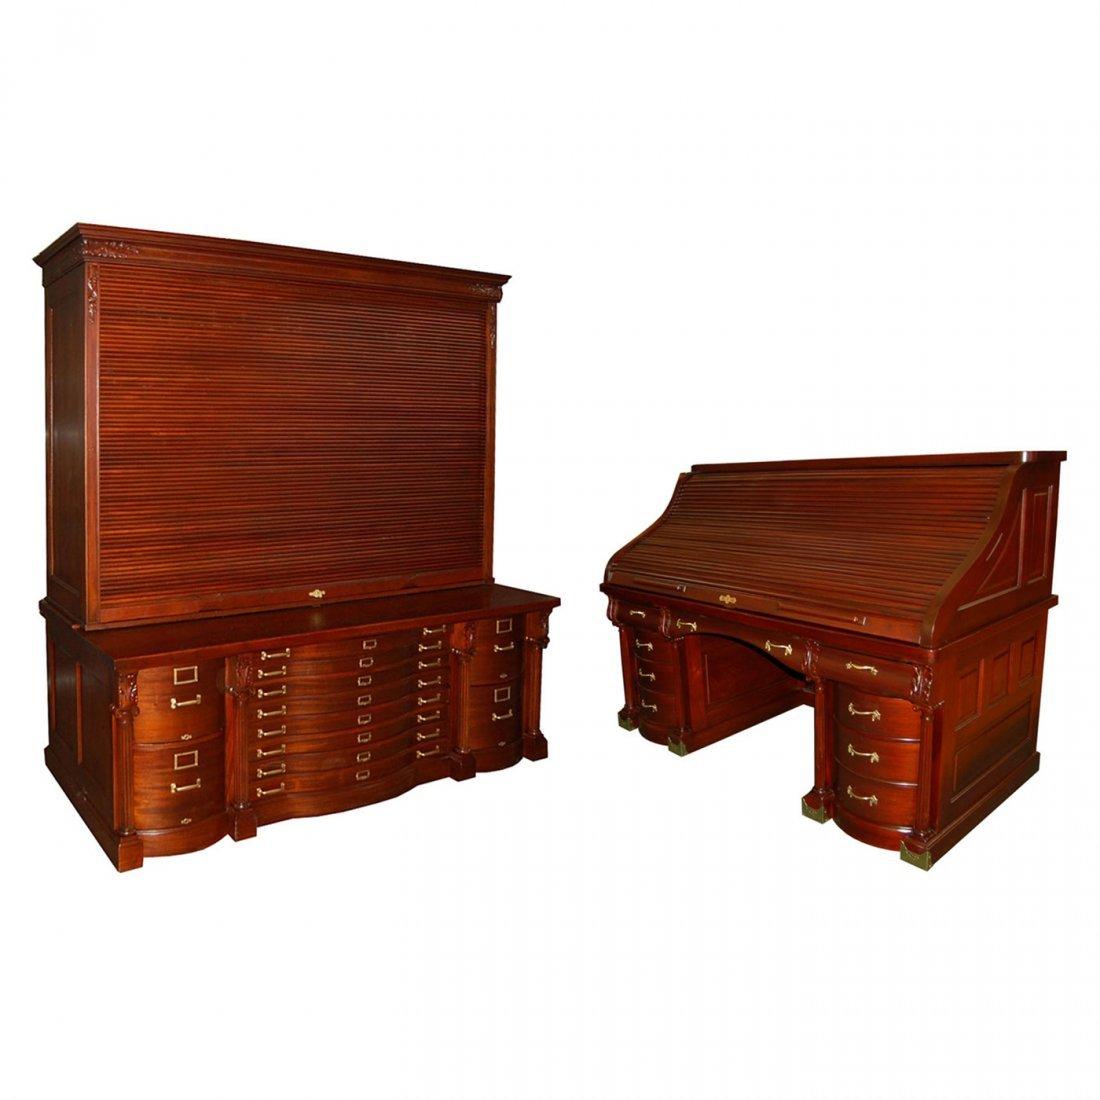 215 19th C. Mahogany Rolltop Desk & Filing System